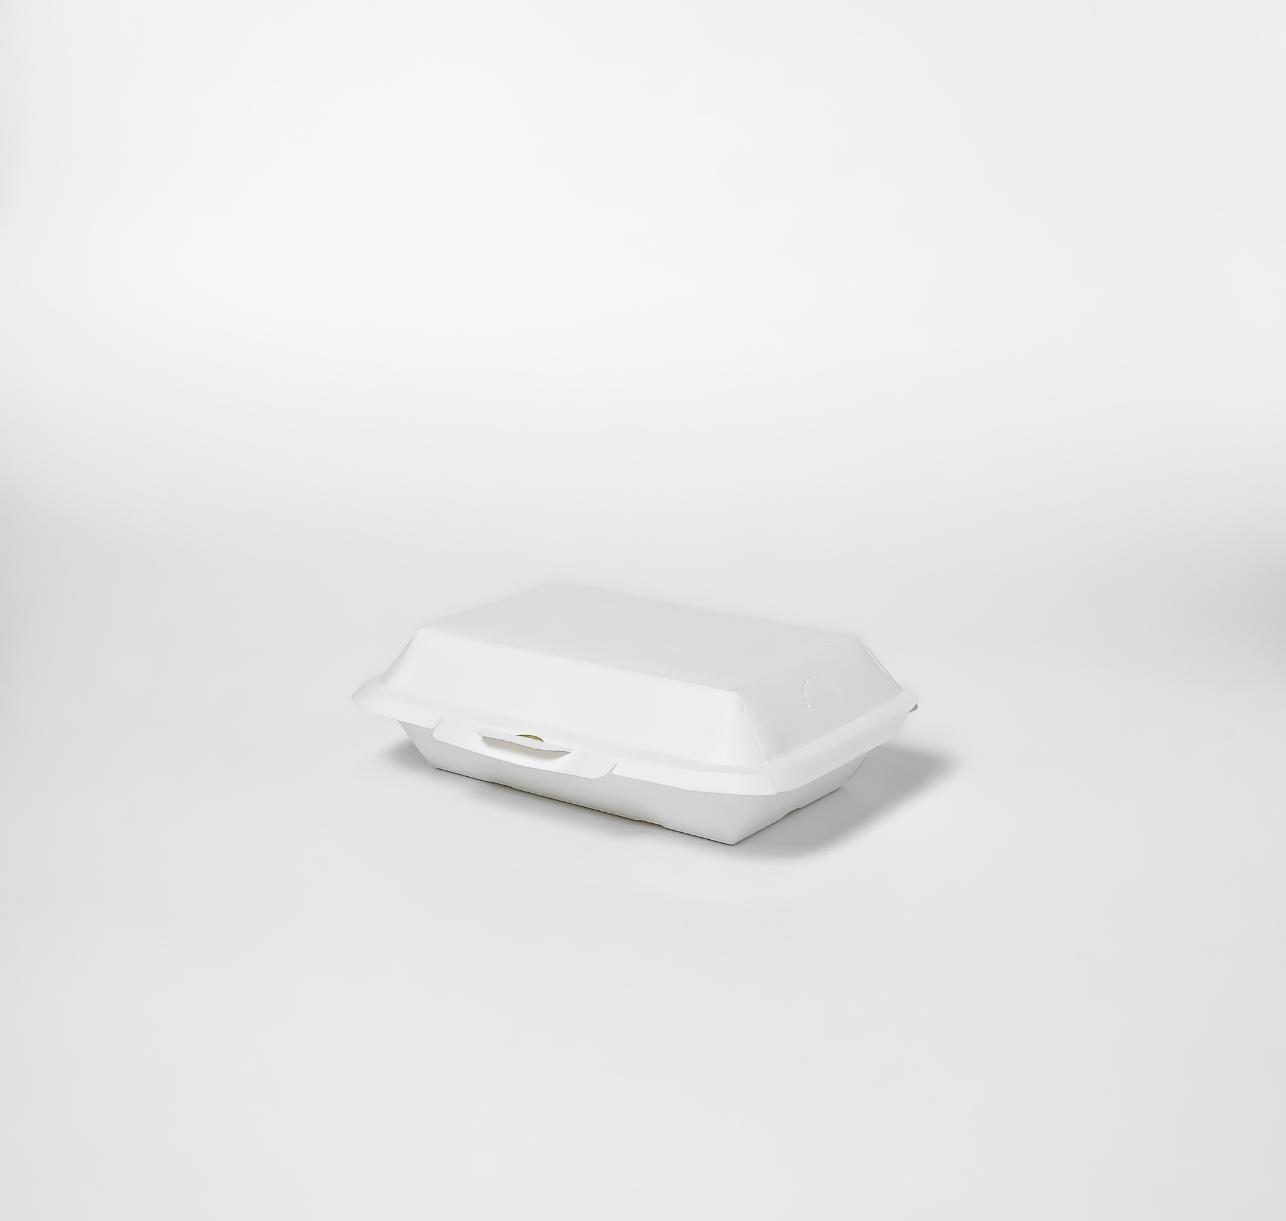 กล่องอาหารกระดาษ Eco 600ml